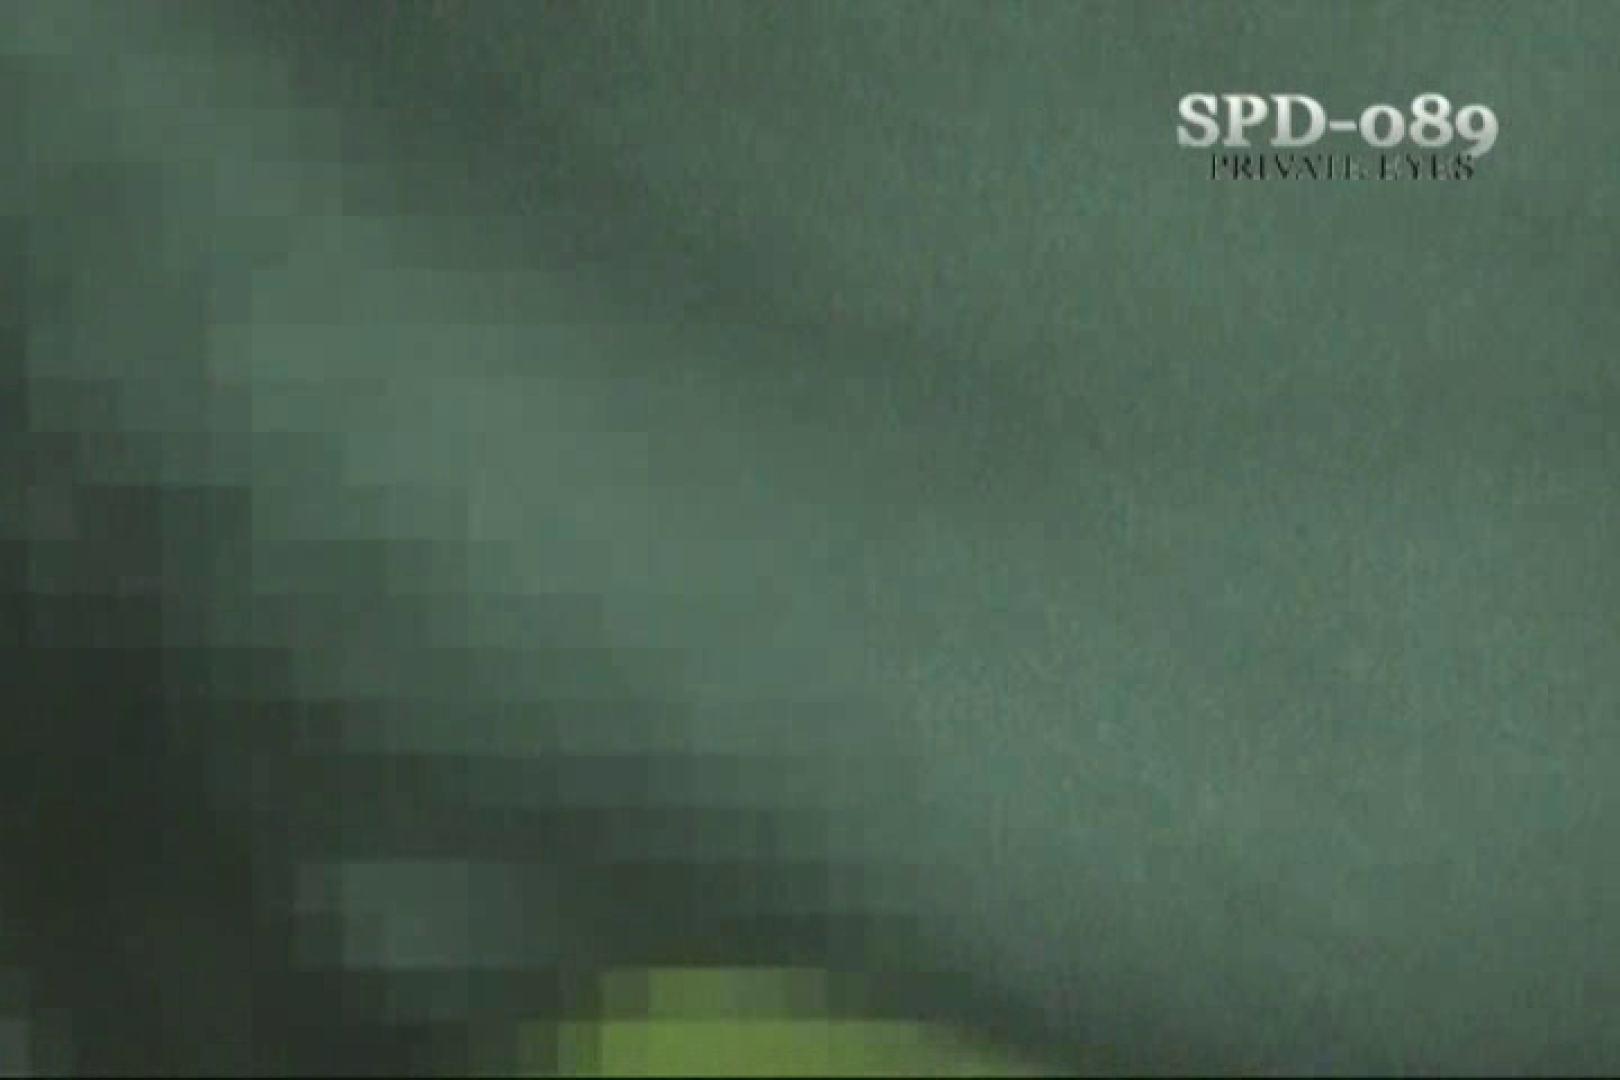 高画質版!SPD-089 厠の隙間 4 高画質  54連発 8